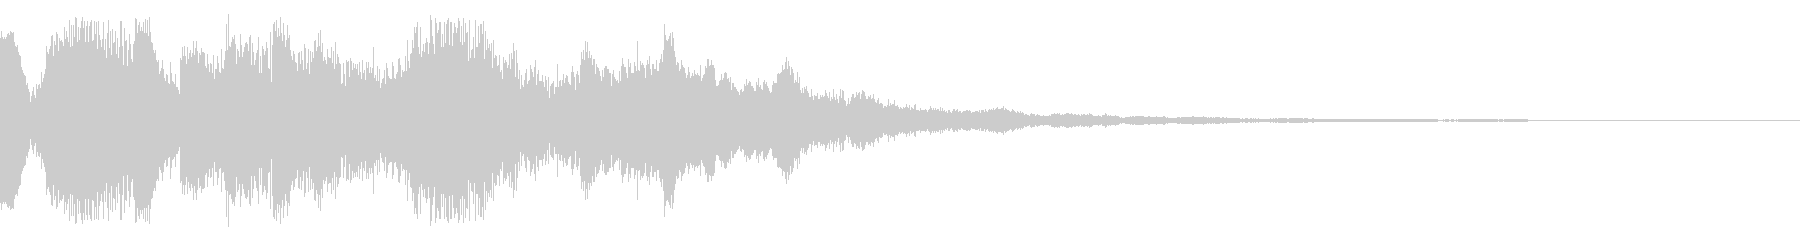 システム系起動音の未再生の波形